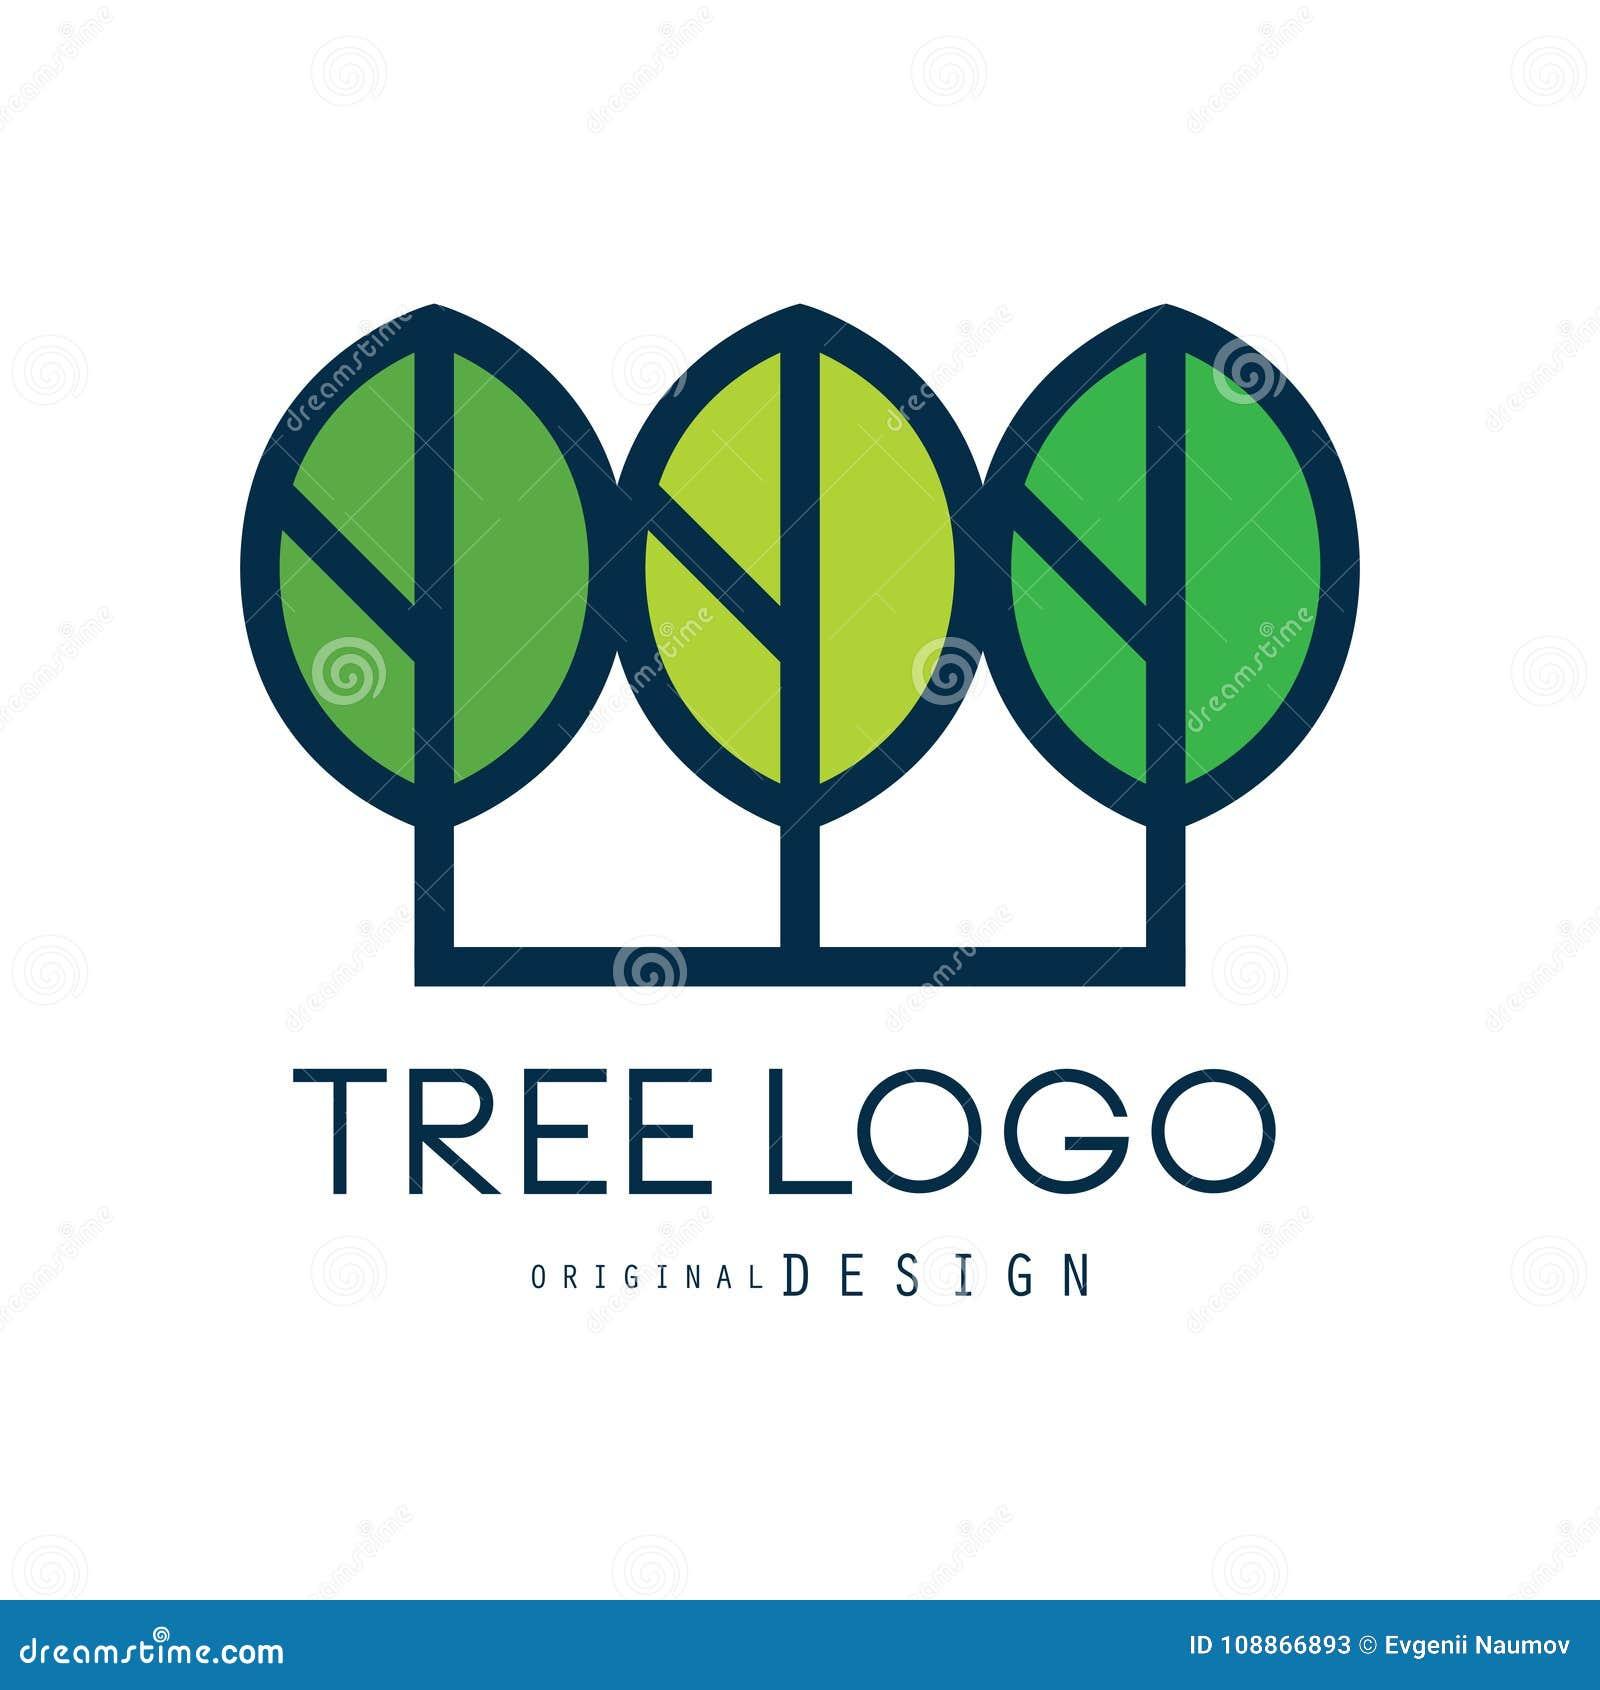 Το αρχικό σχέδιο λογότυπων δέντρων, πράσινο διακριτικό eco, αφαιρεί την οργανική διανυσματική απεικόνιση στοιχείων